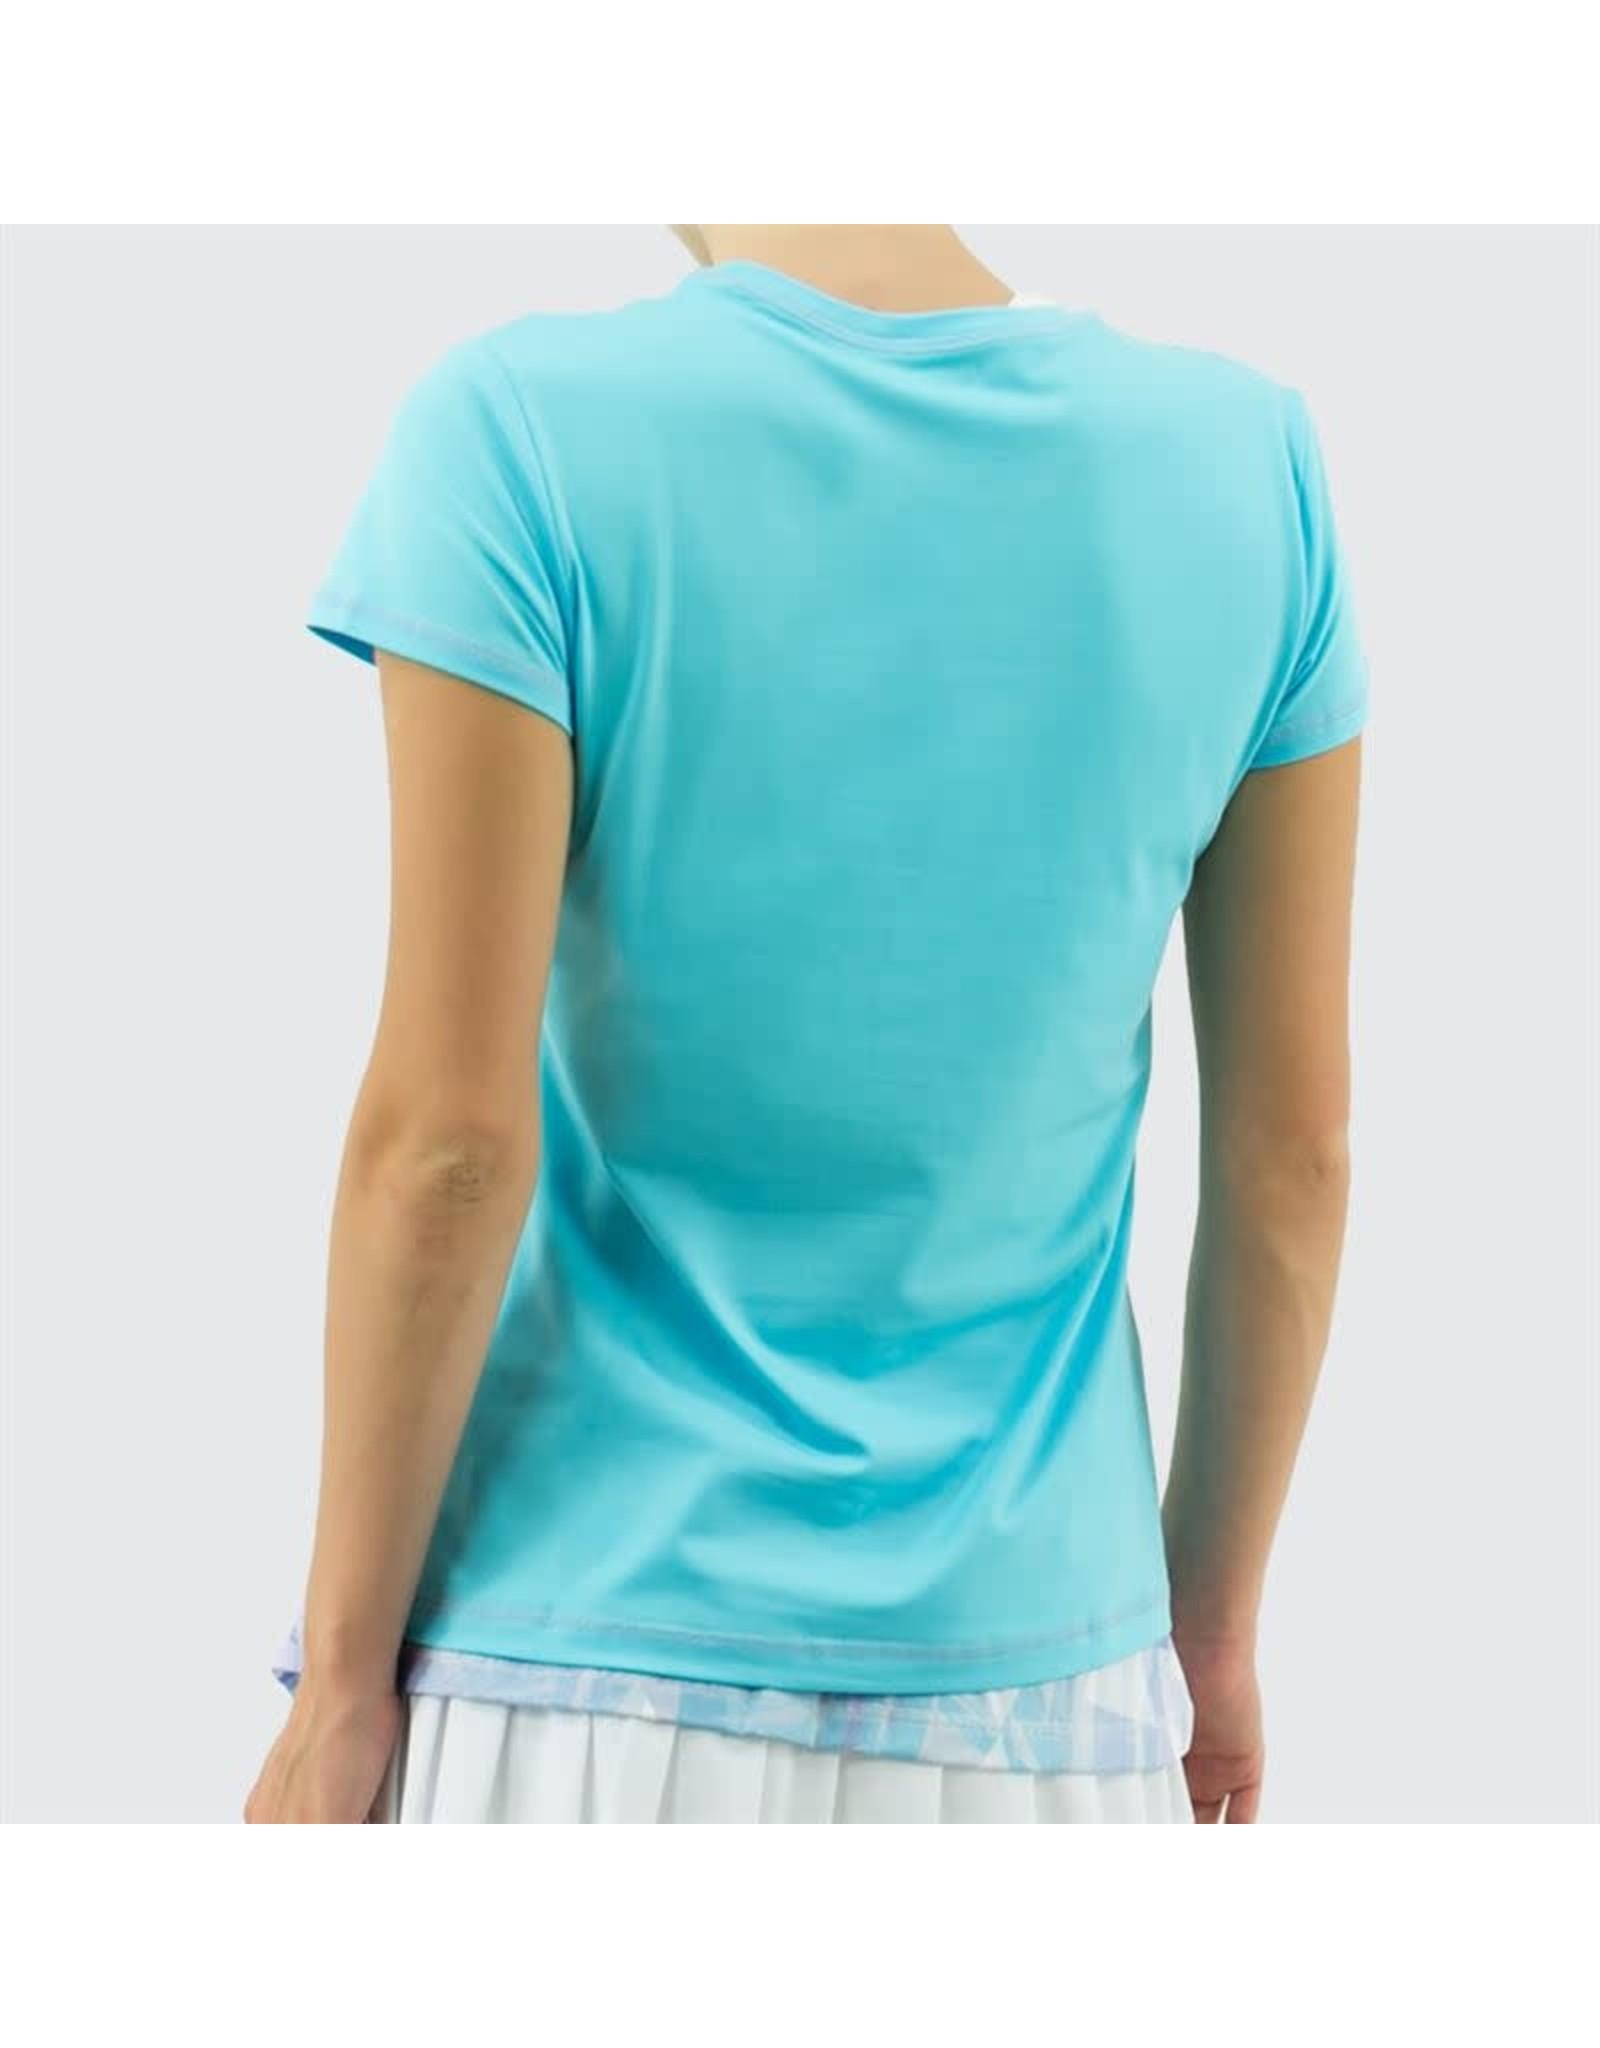 Sofibella UV Colors Short Sleeve Top